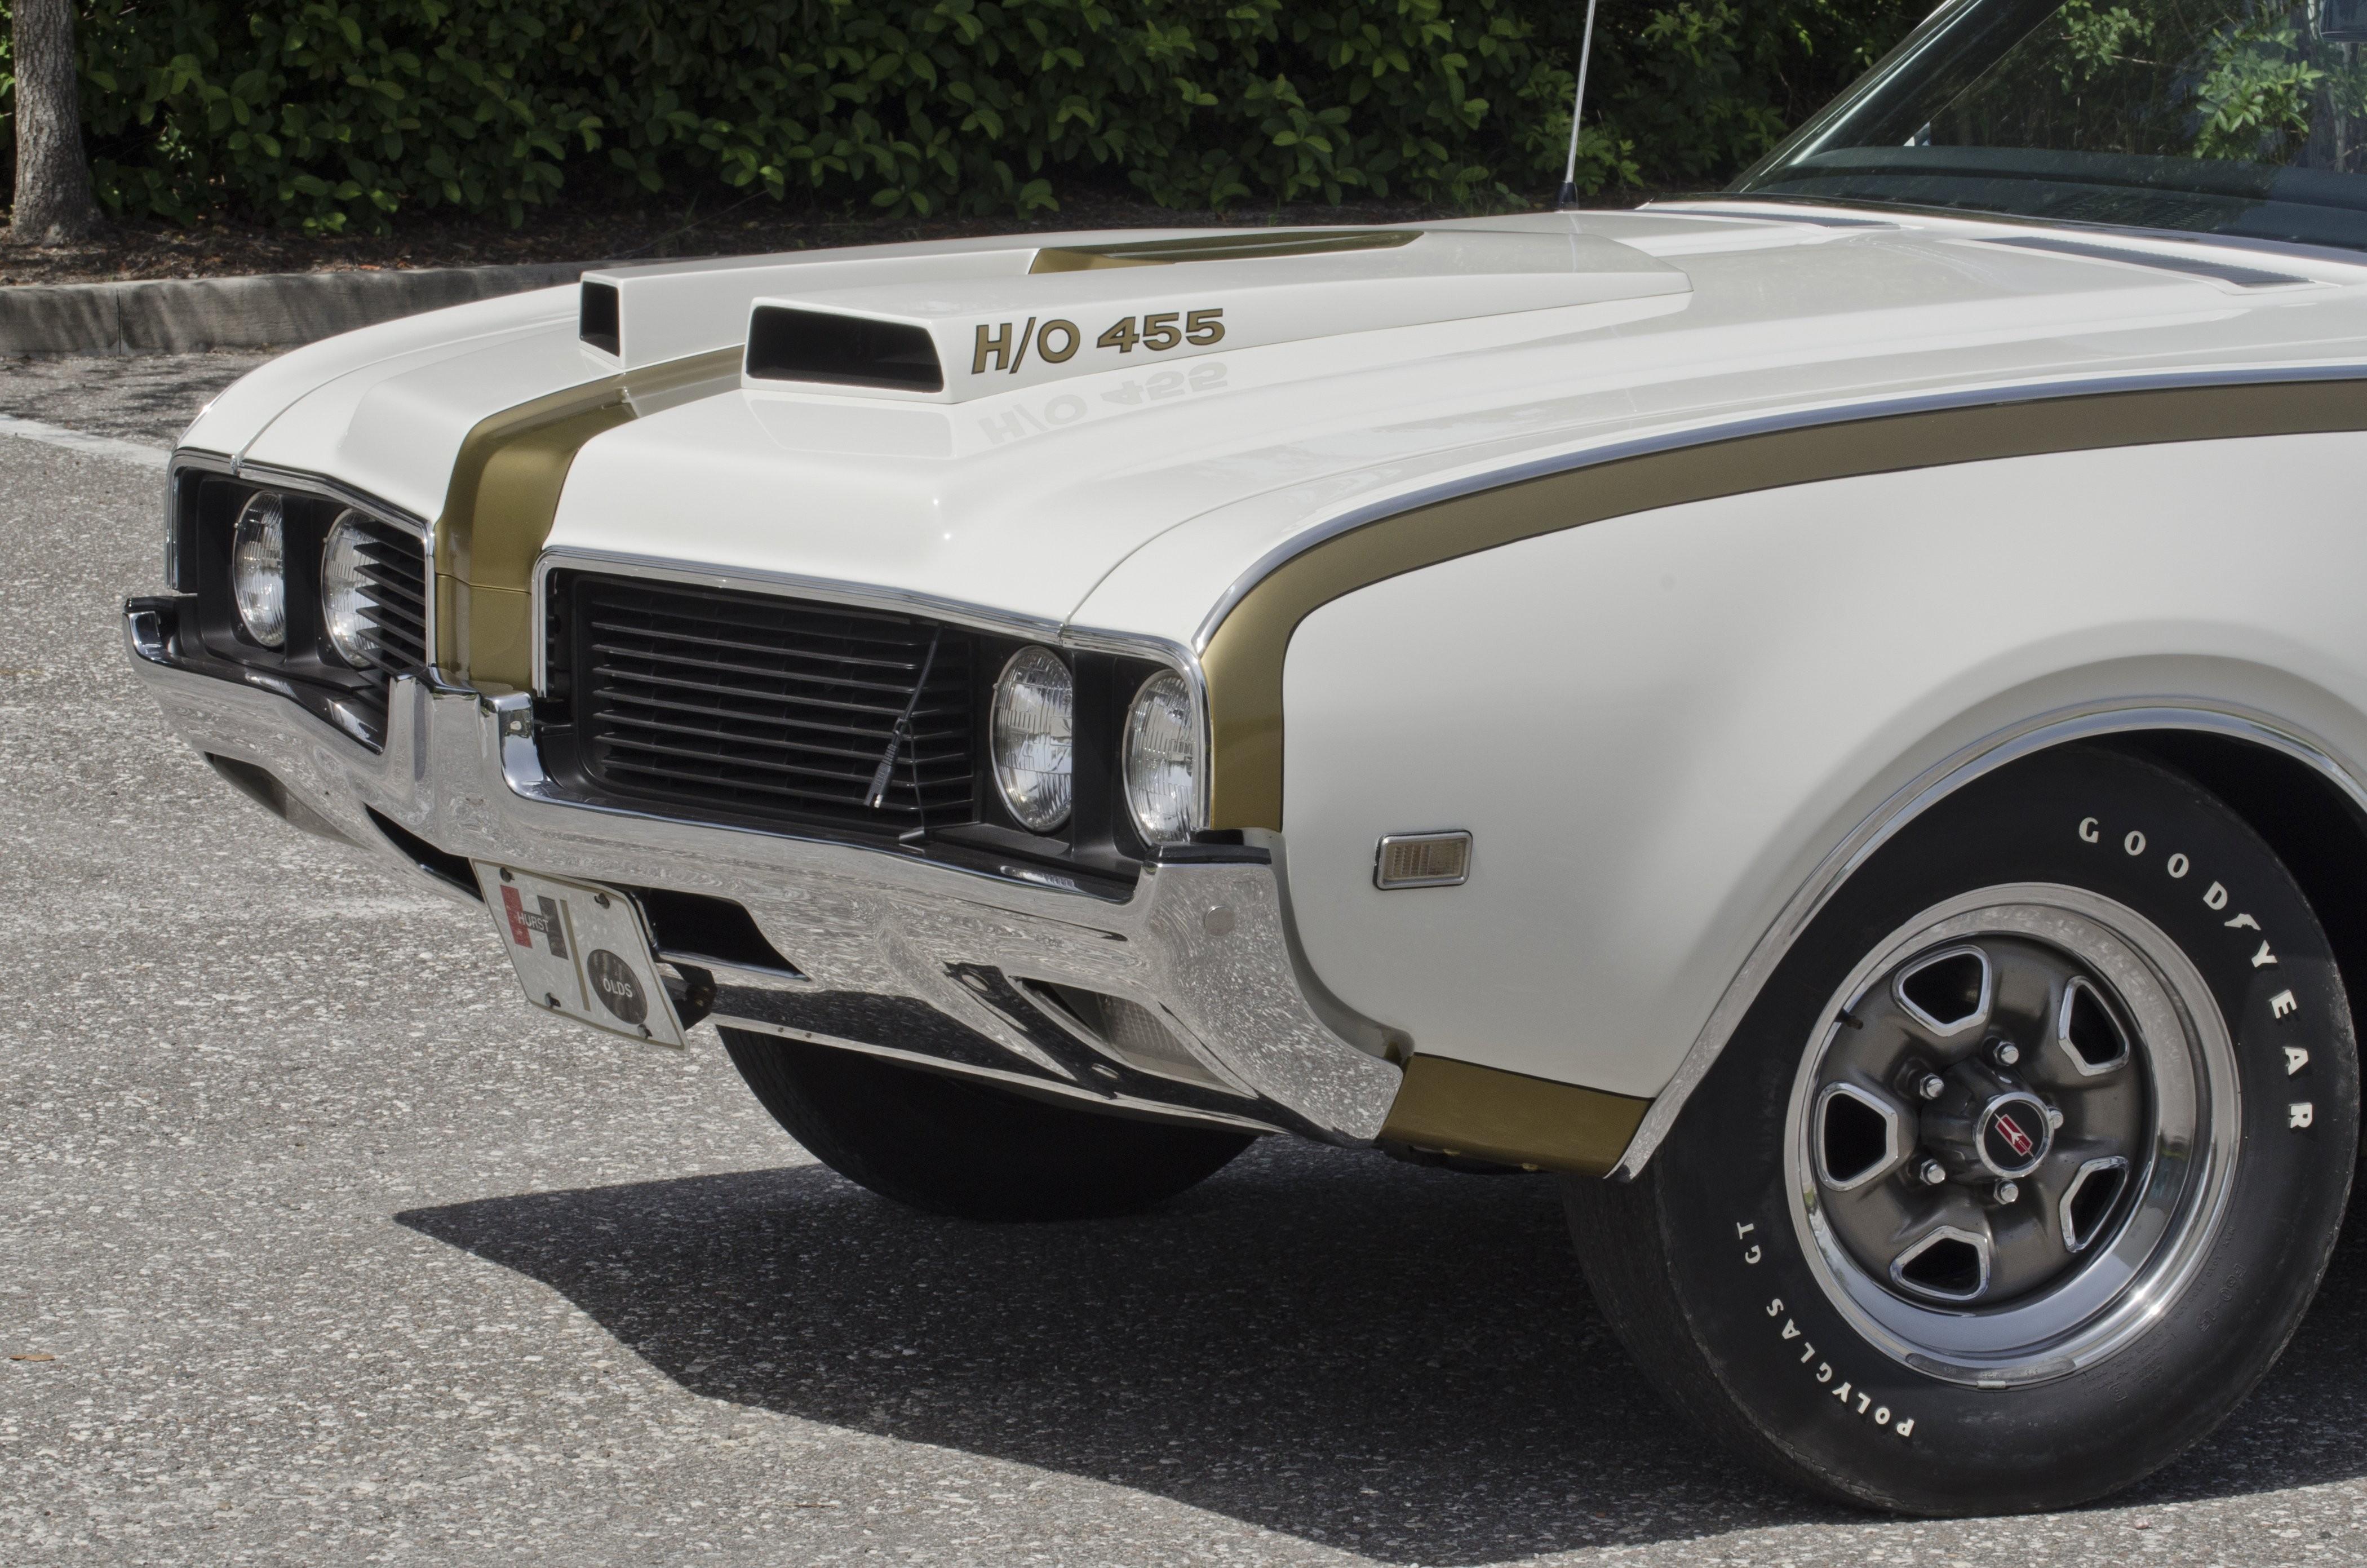 Oldsmobile 442 Hurst маслкар